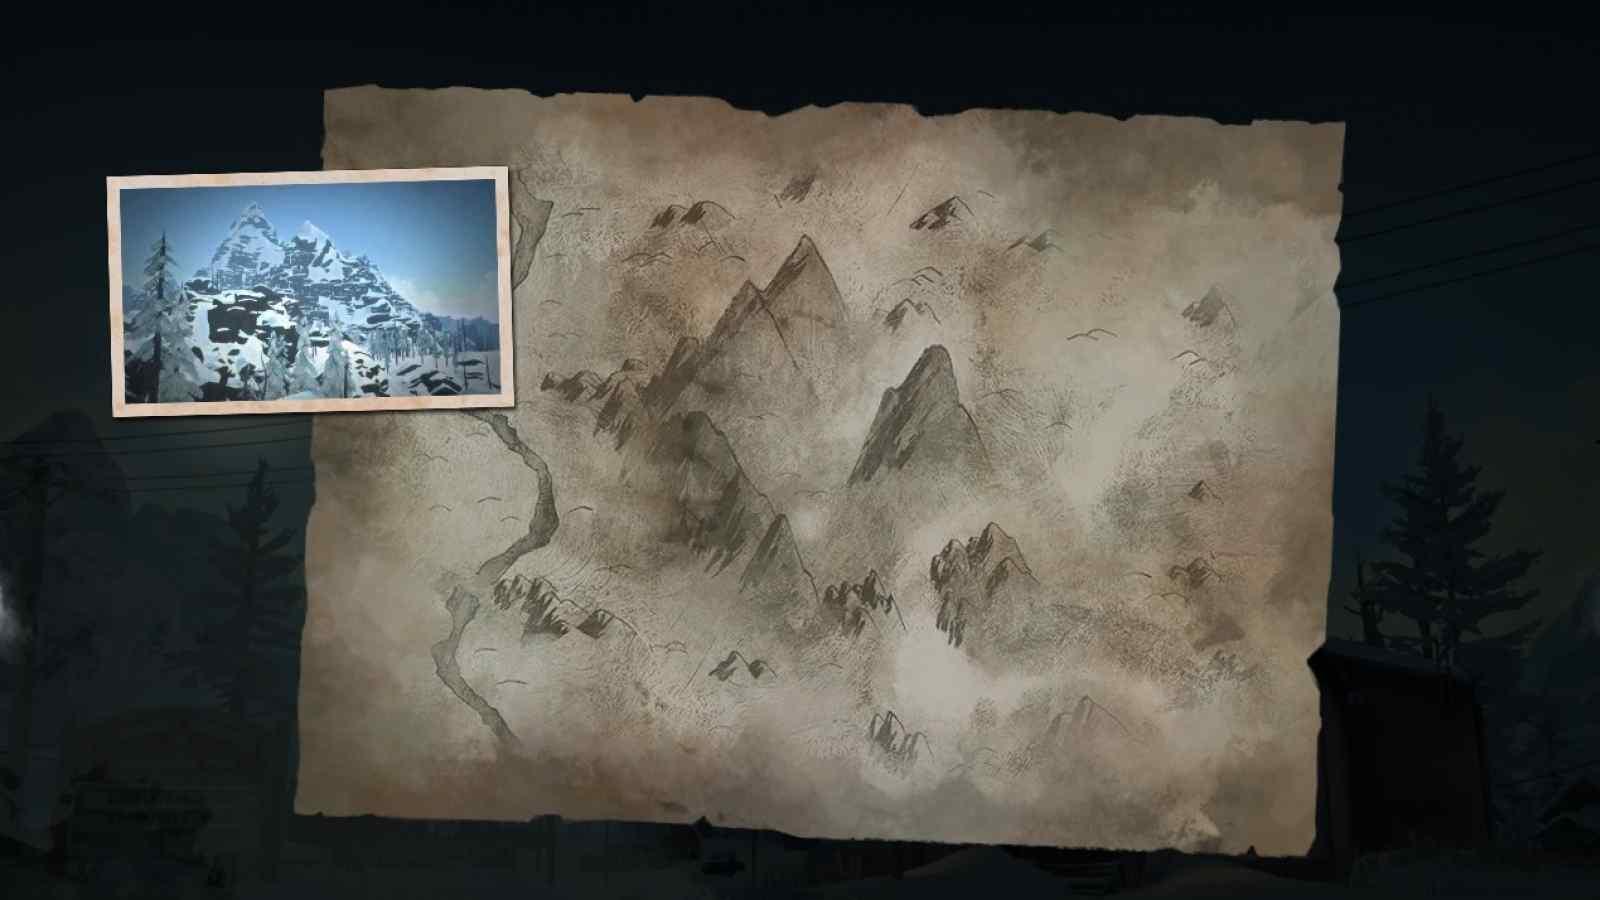 Заставка локации Волчья гора в игре The long dark